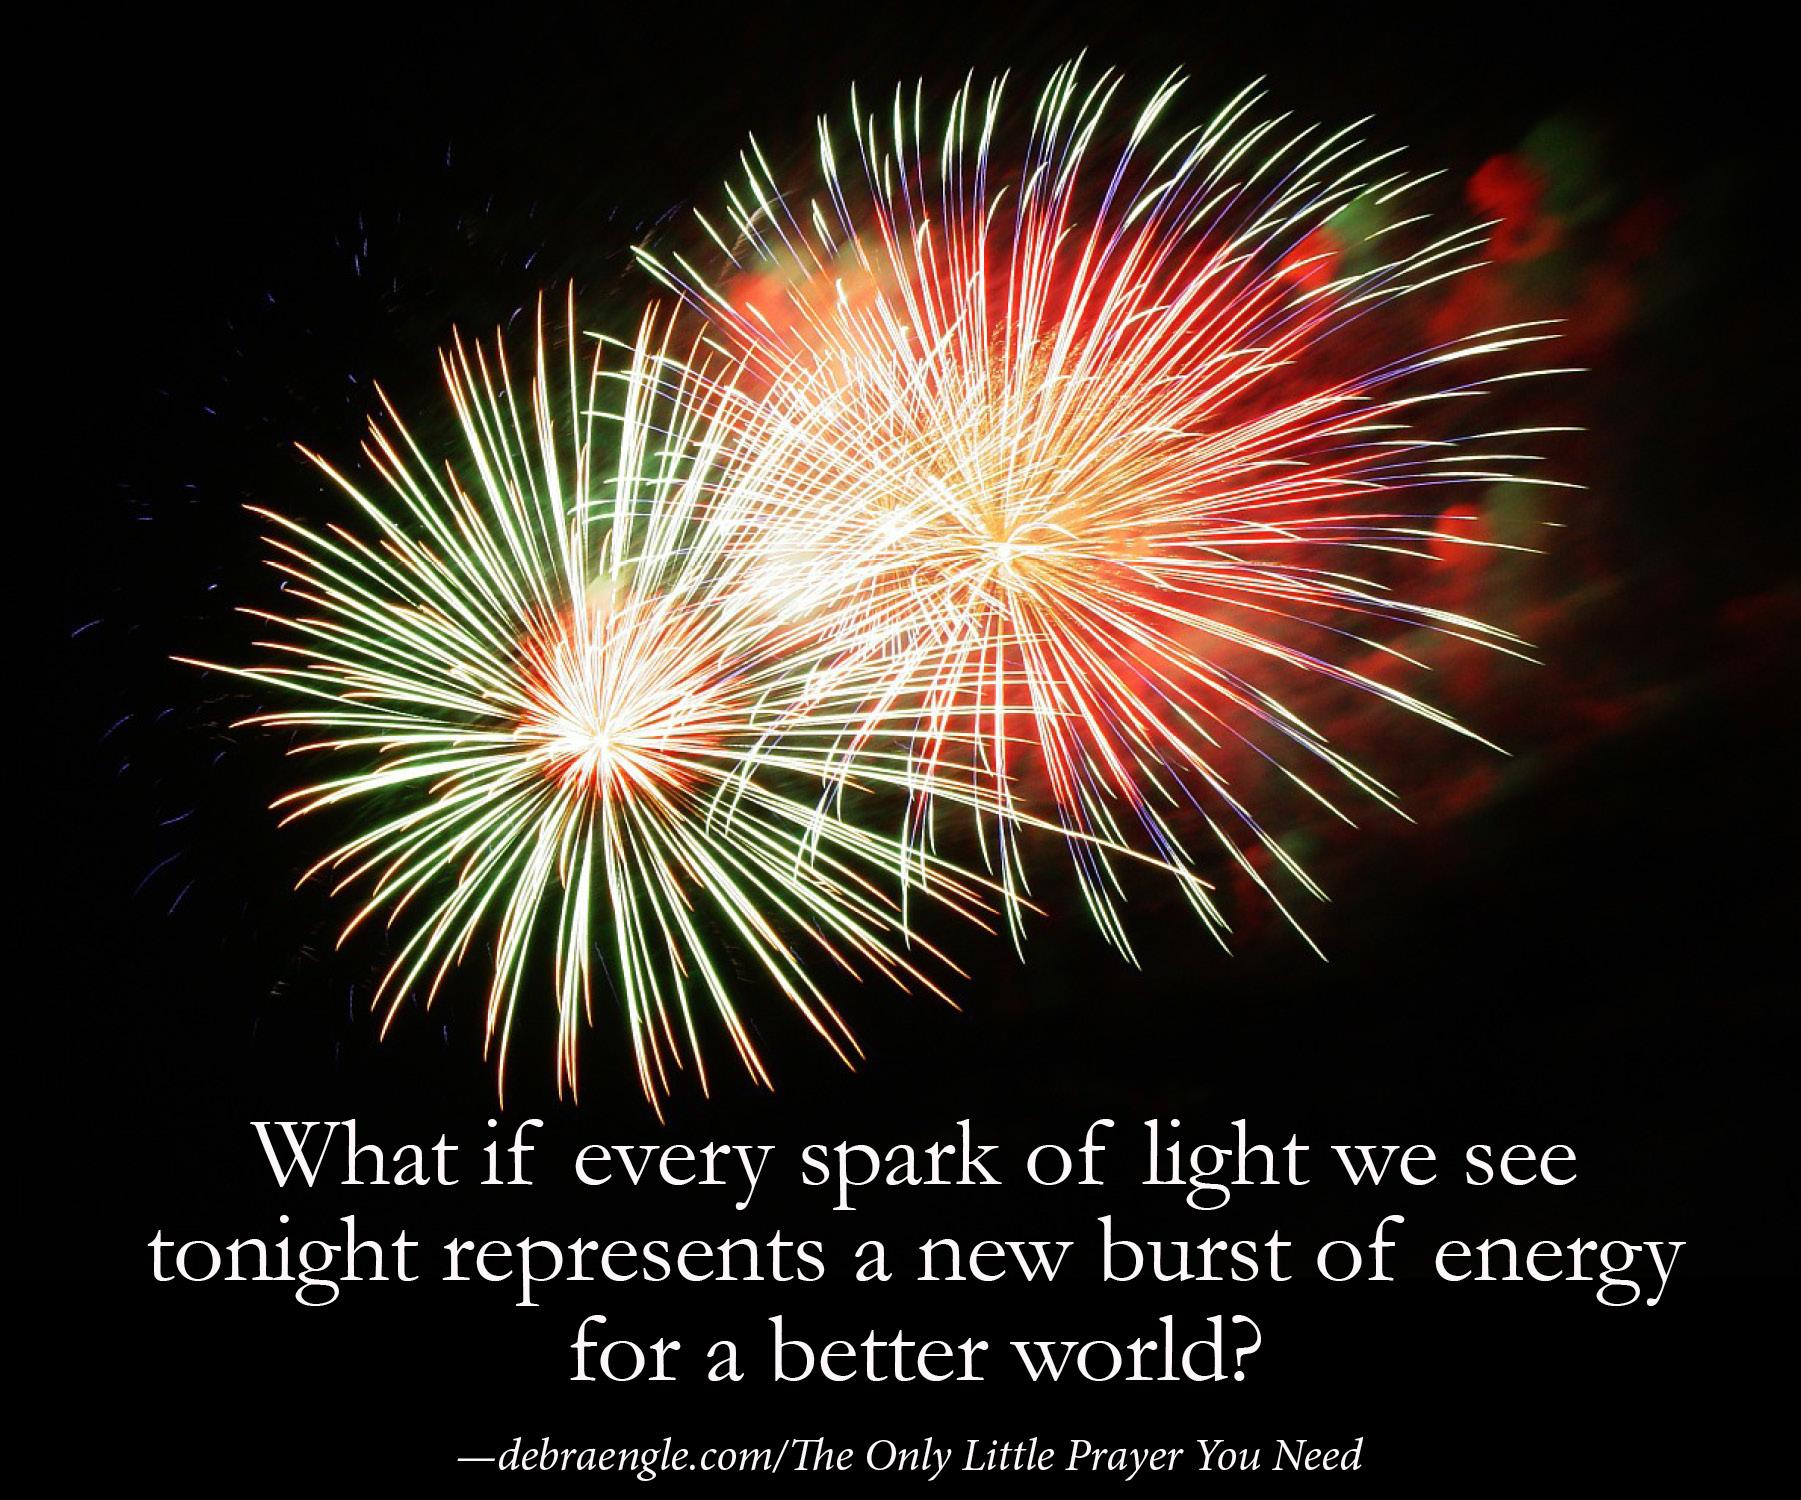 Photo courtesy of pixabay.com.